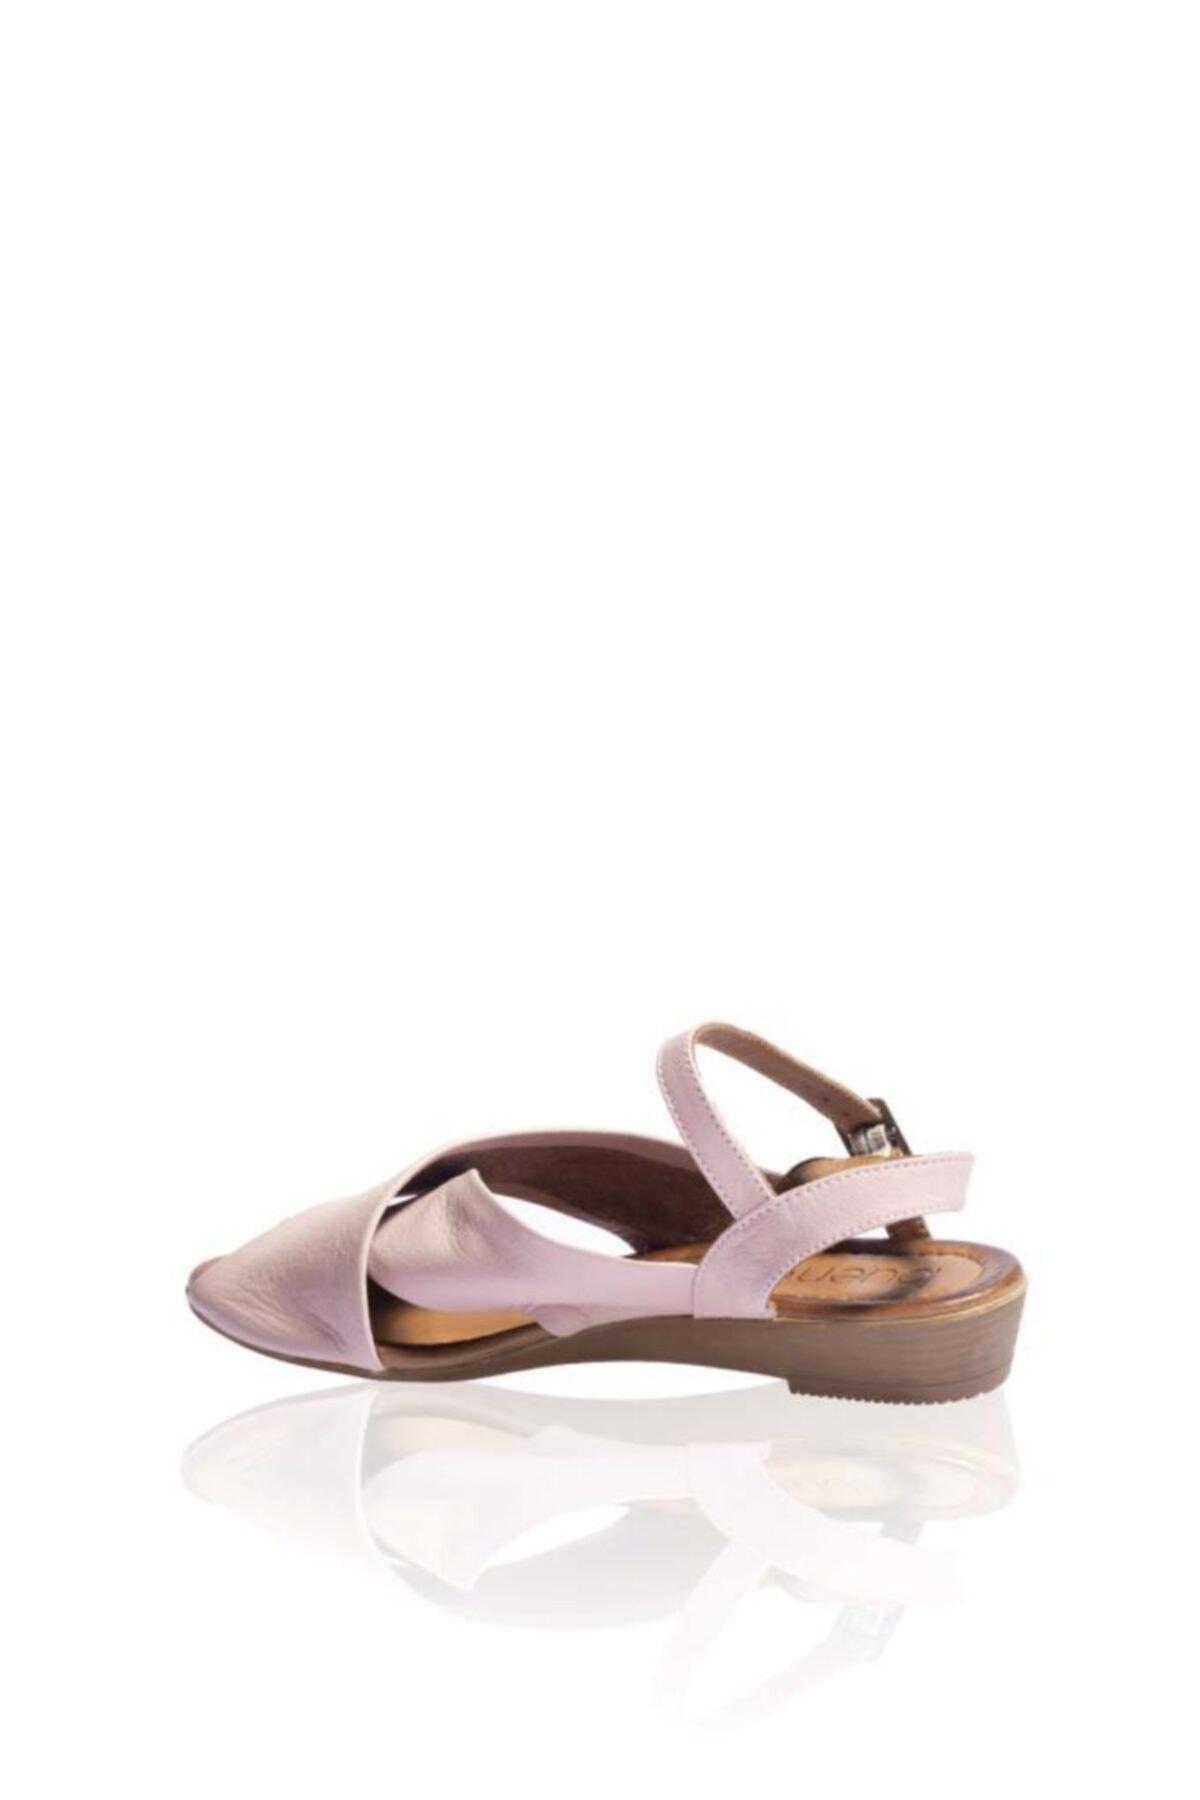 BUENO Shoes Kadın Gül Kurusu Kemerli Hakiki Deri Düz Sandalet 9n7211 2